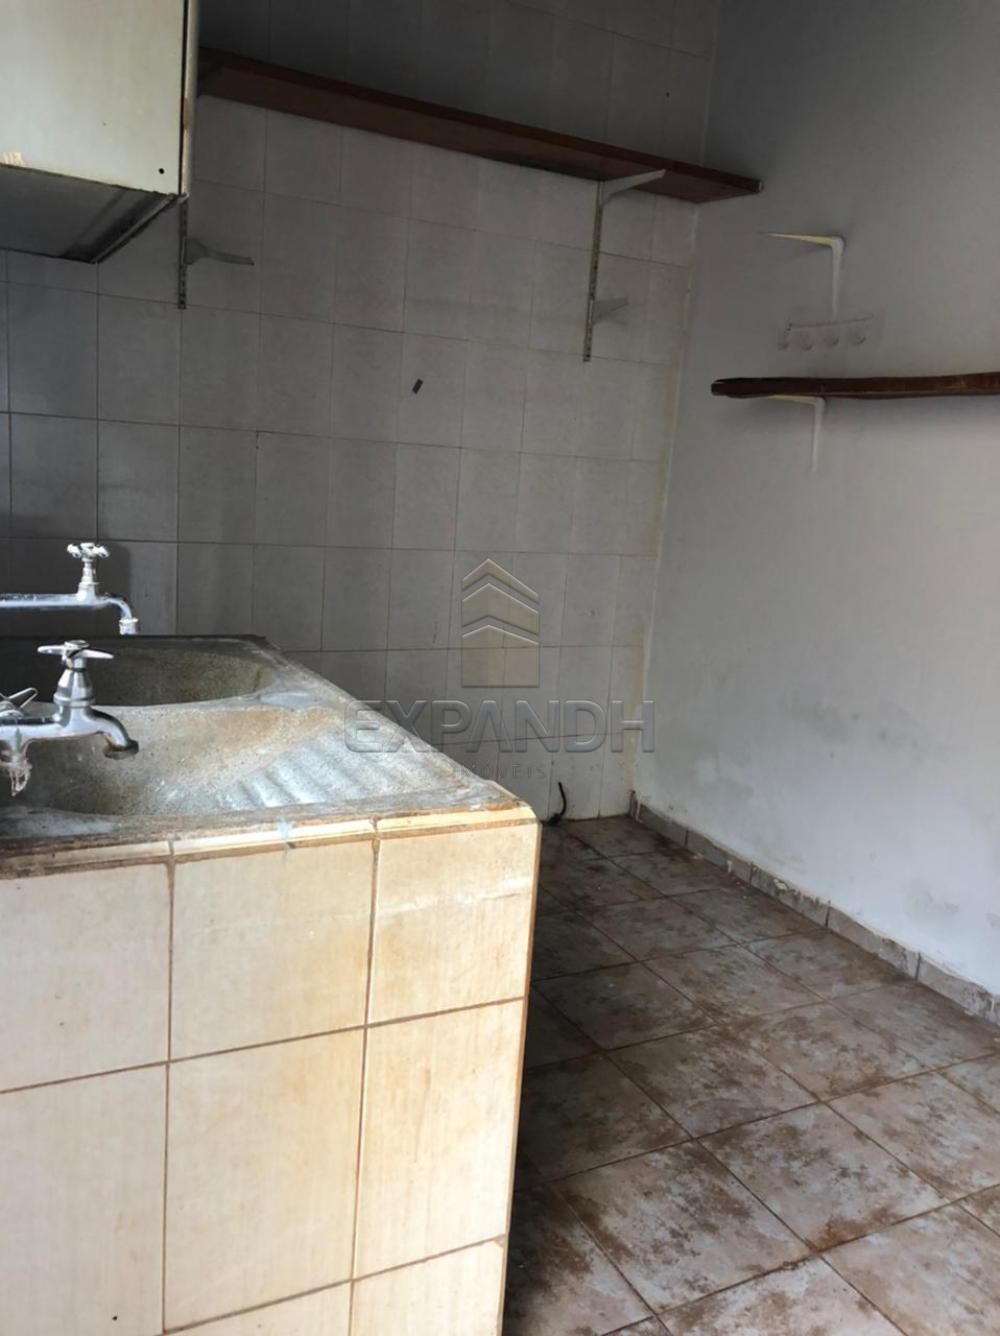 Alugar Casas / Padrão em Sertãozinho R$ 1.100,00 - Foto 15